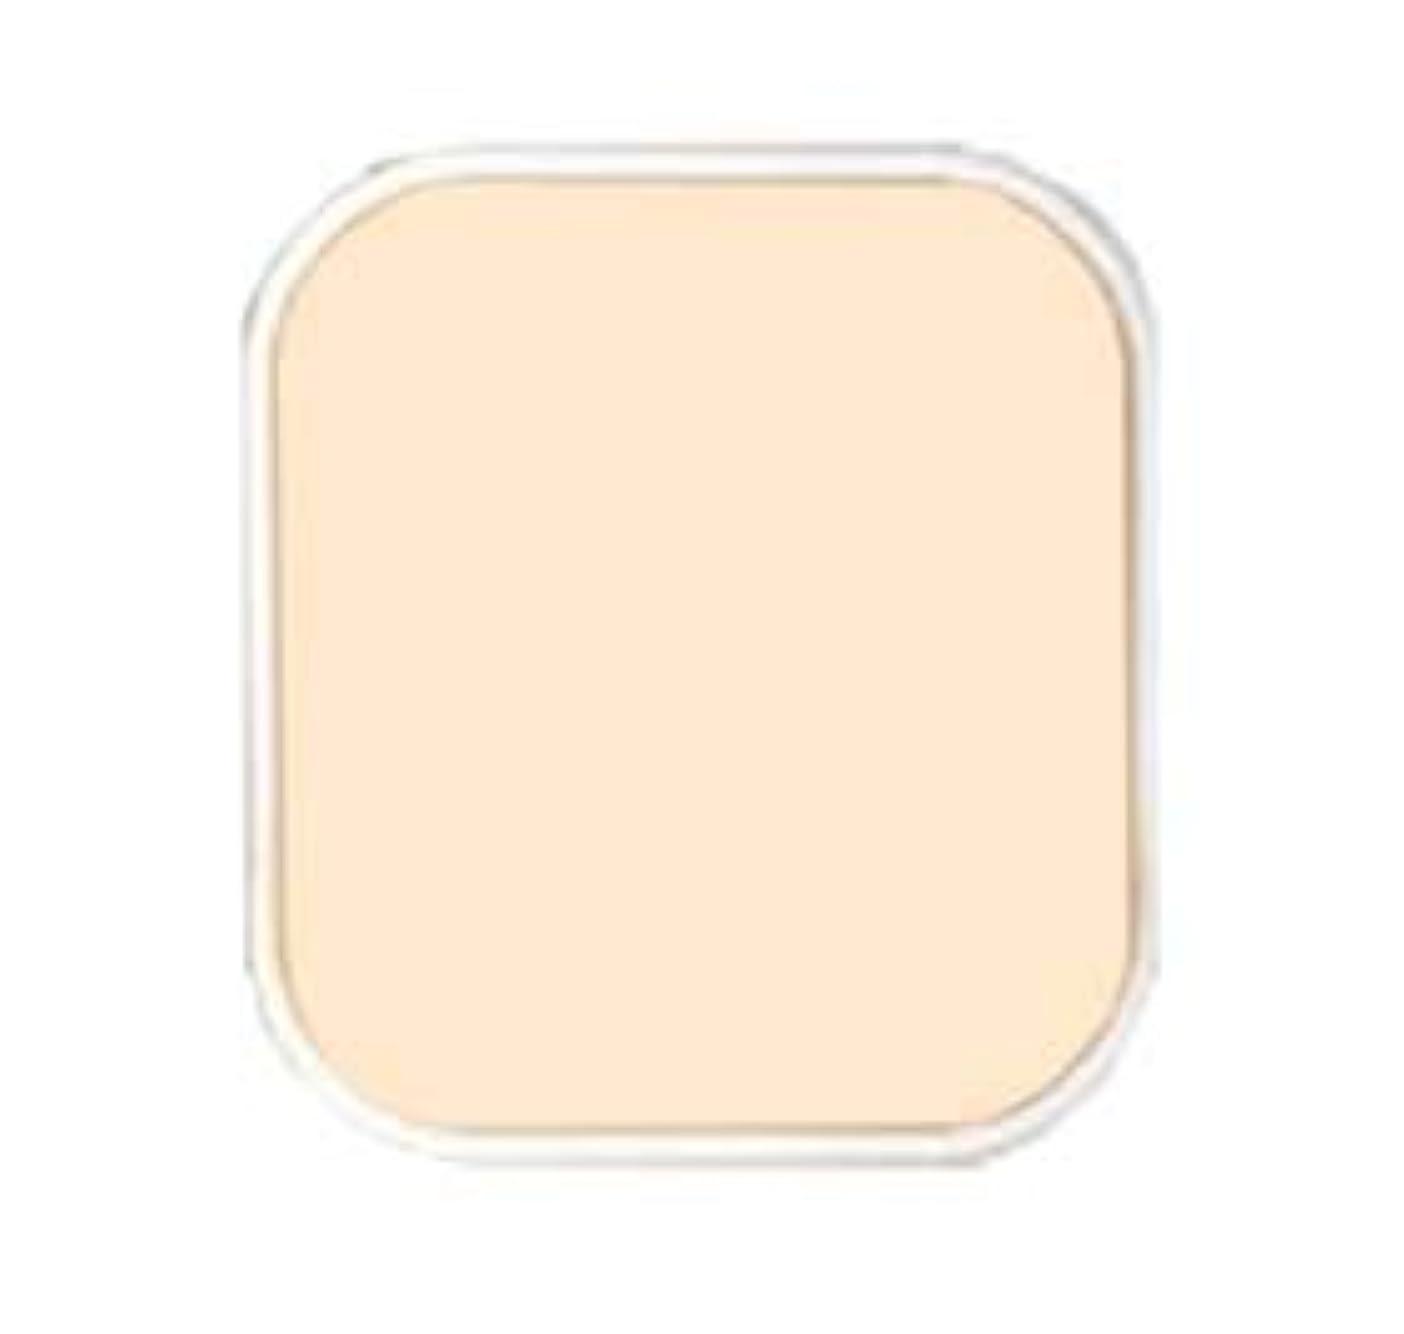 負天国カートンアクセーヌ クリーミィファンデーションPV(リフィル)<N10明るいナチュラル系>※ケース別売り(11g)